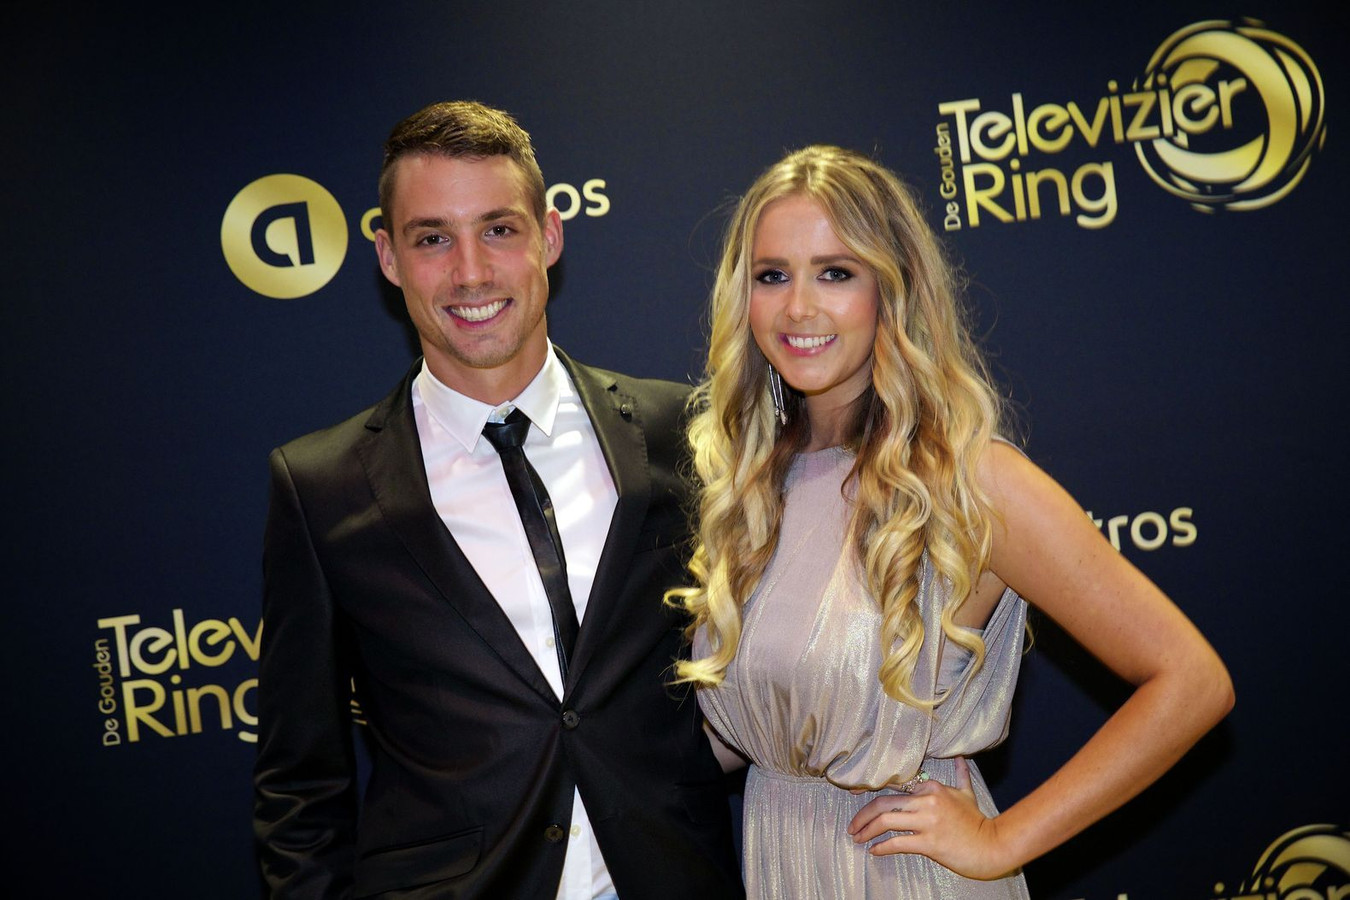 Monique Smit met haar vriend Martijn Molleman op de loper voor aanvang van het Gouden Televizier-Ring Gala 2014 in theater Carré